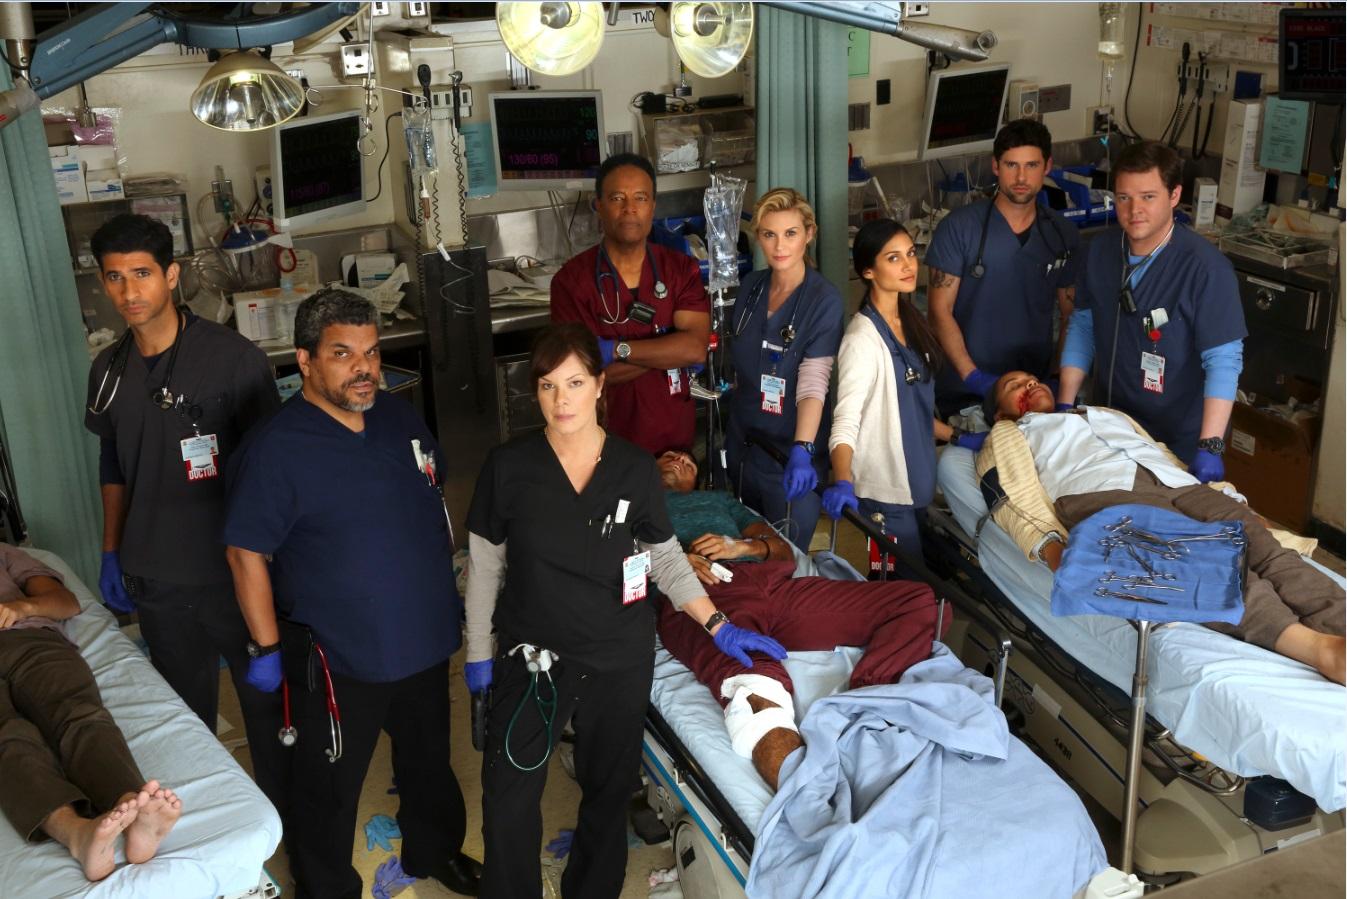 《全院警戒》忠實呈現頂尖醫生團隊在急診室重症區第一線搶救傷患的身影,面對死亡,他們必須更加堅強,盡全力救回每一條生命◦